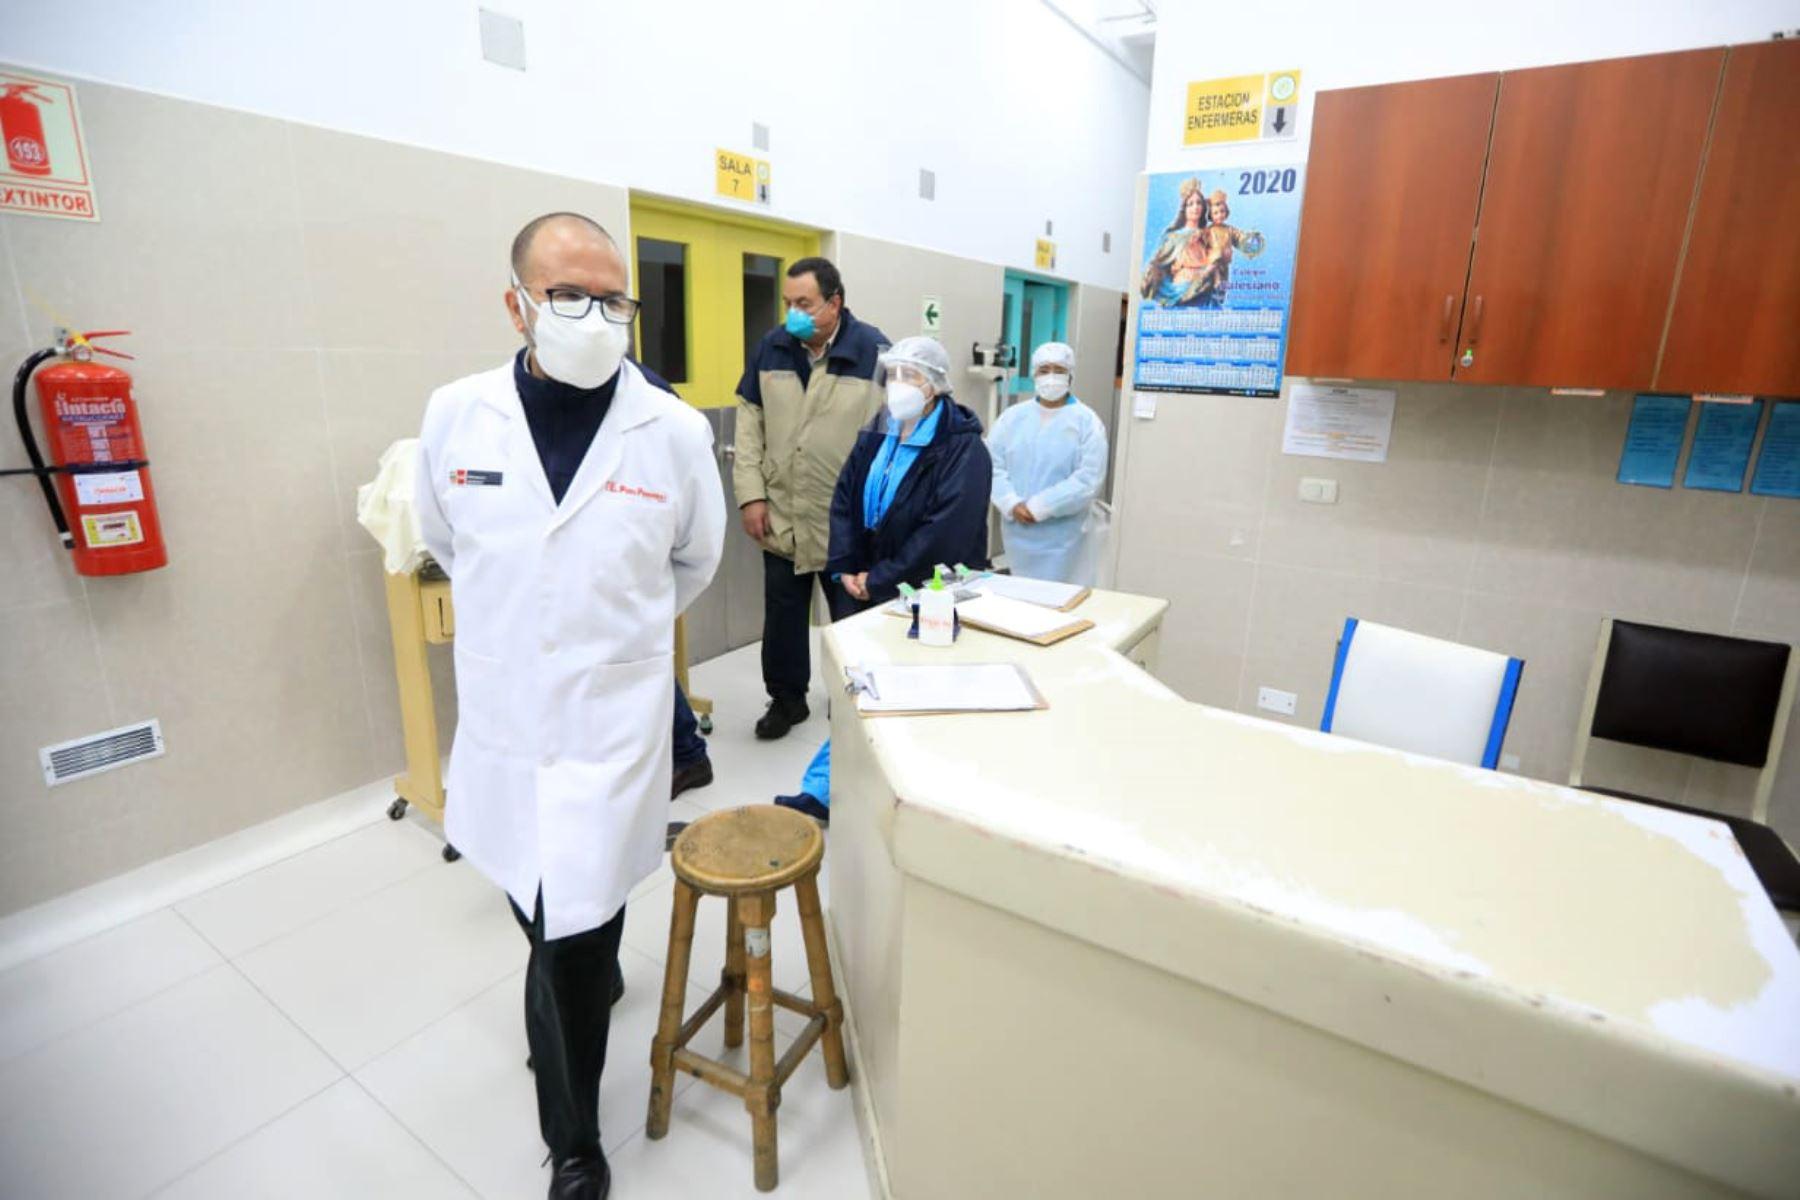 Como parte del Operativo Protección, que busca garantizar una atención de calidad a pacientes COVID-19, el ministro Víctor Zamora realiza una visita inopinada al INSN. También supervisa las acciones del nosocomio en favor de la población vulnerable.   Foto:ANDINA/@Minsa_Peru.